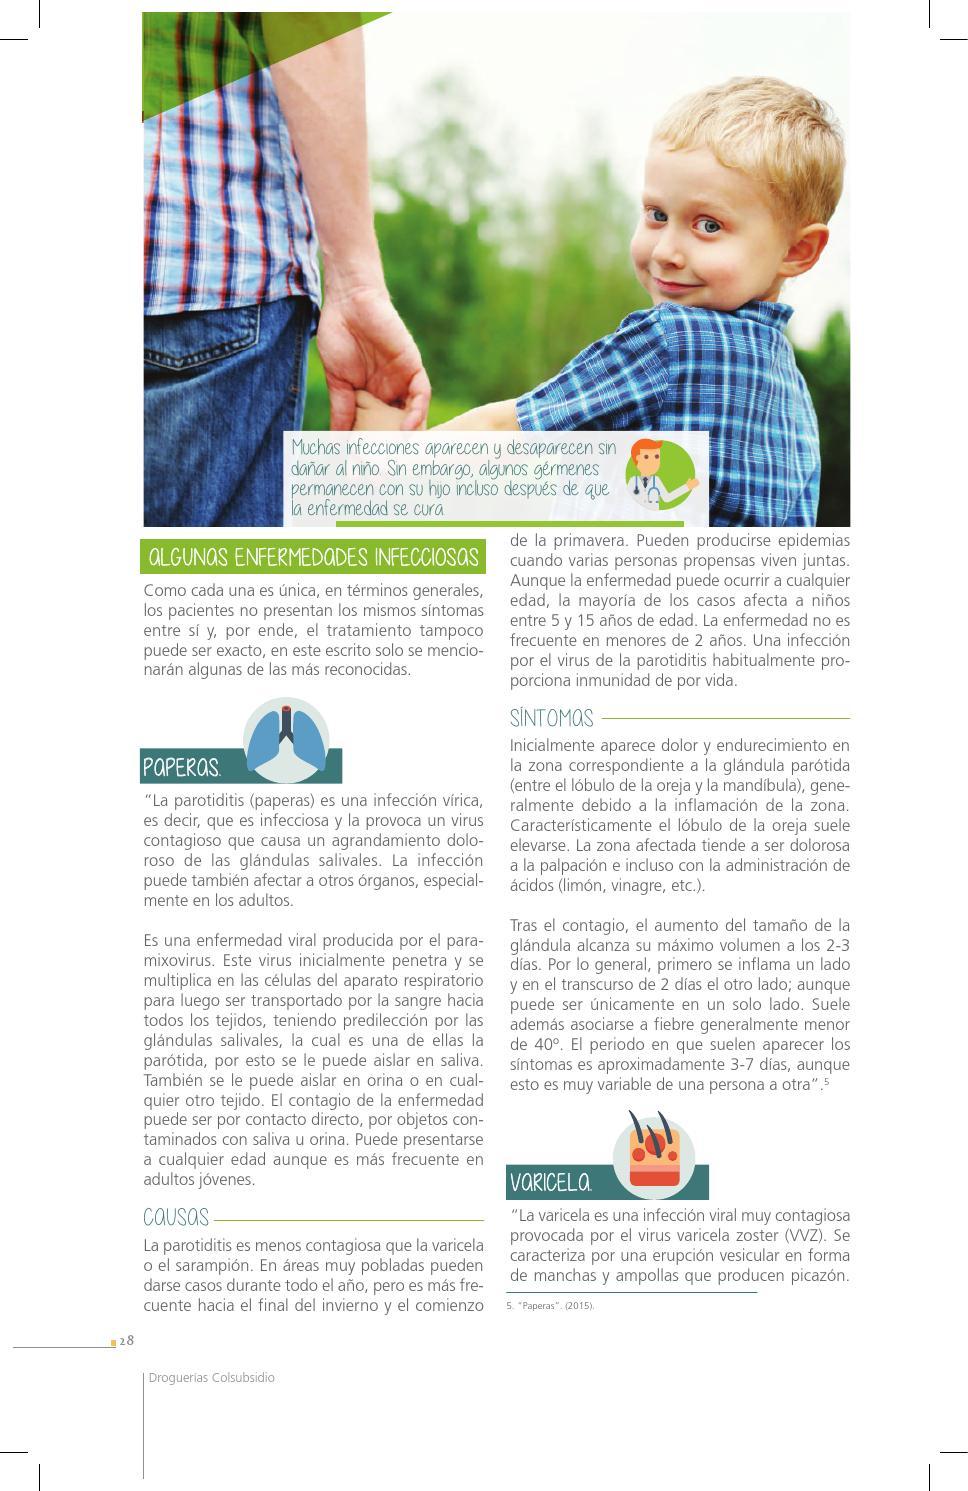 vida sana ed 103 by colsubsidio issuu